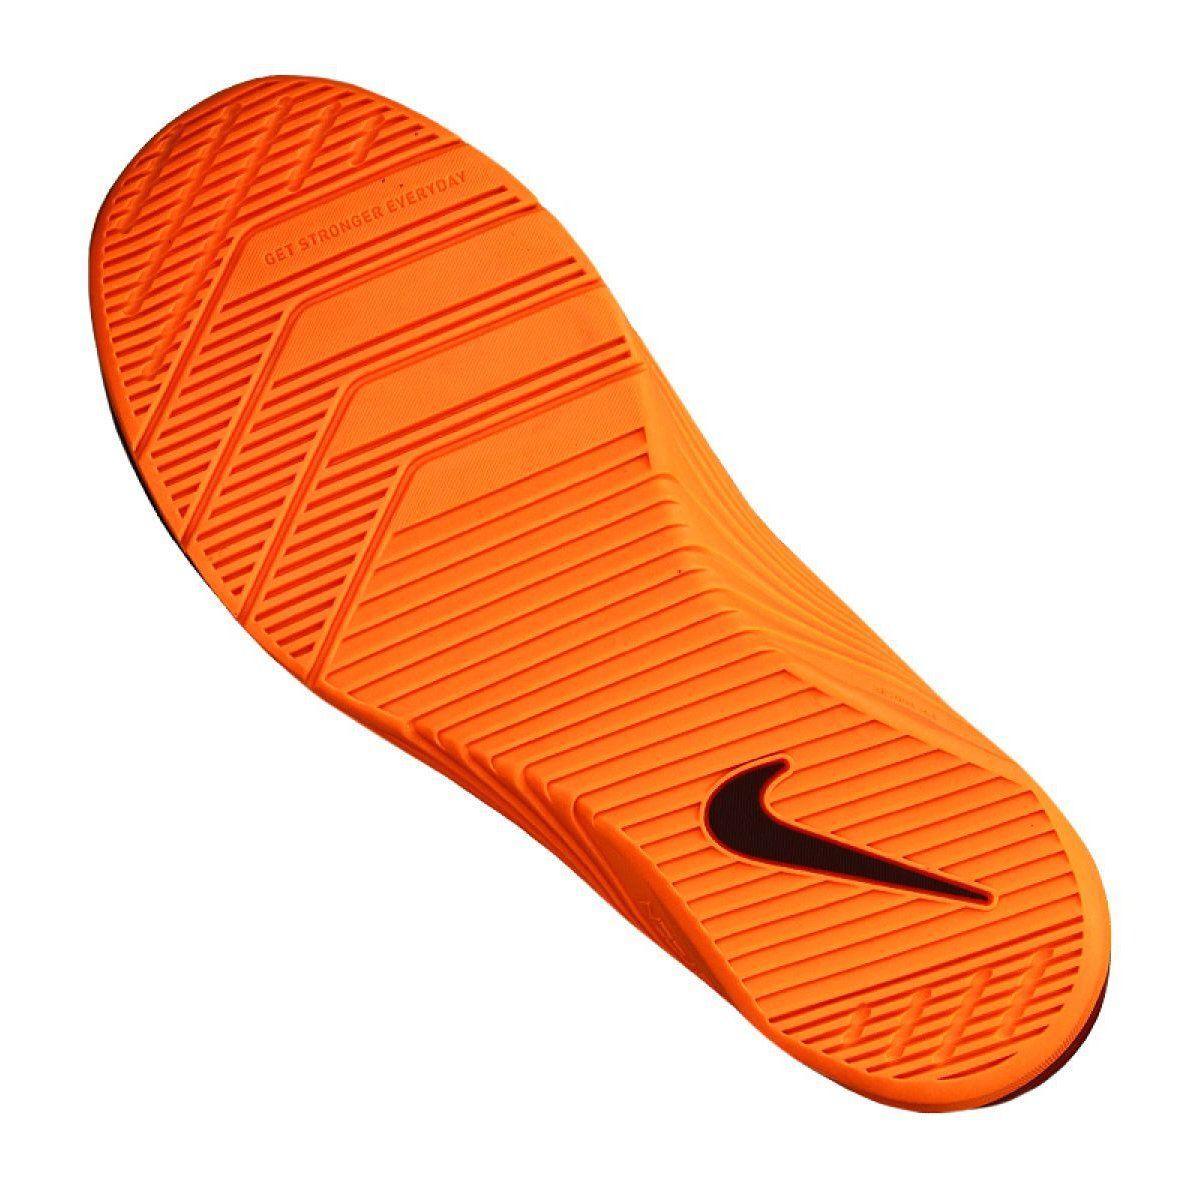 Buty Nike Metcon 5 M Aq1189 656 Wielokolorowe